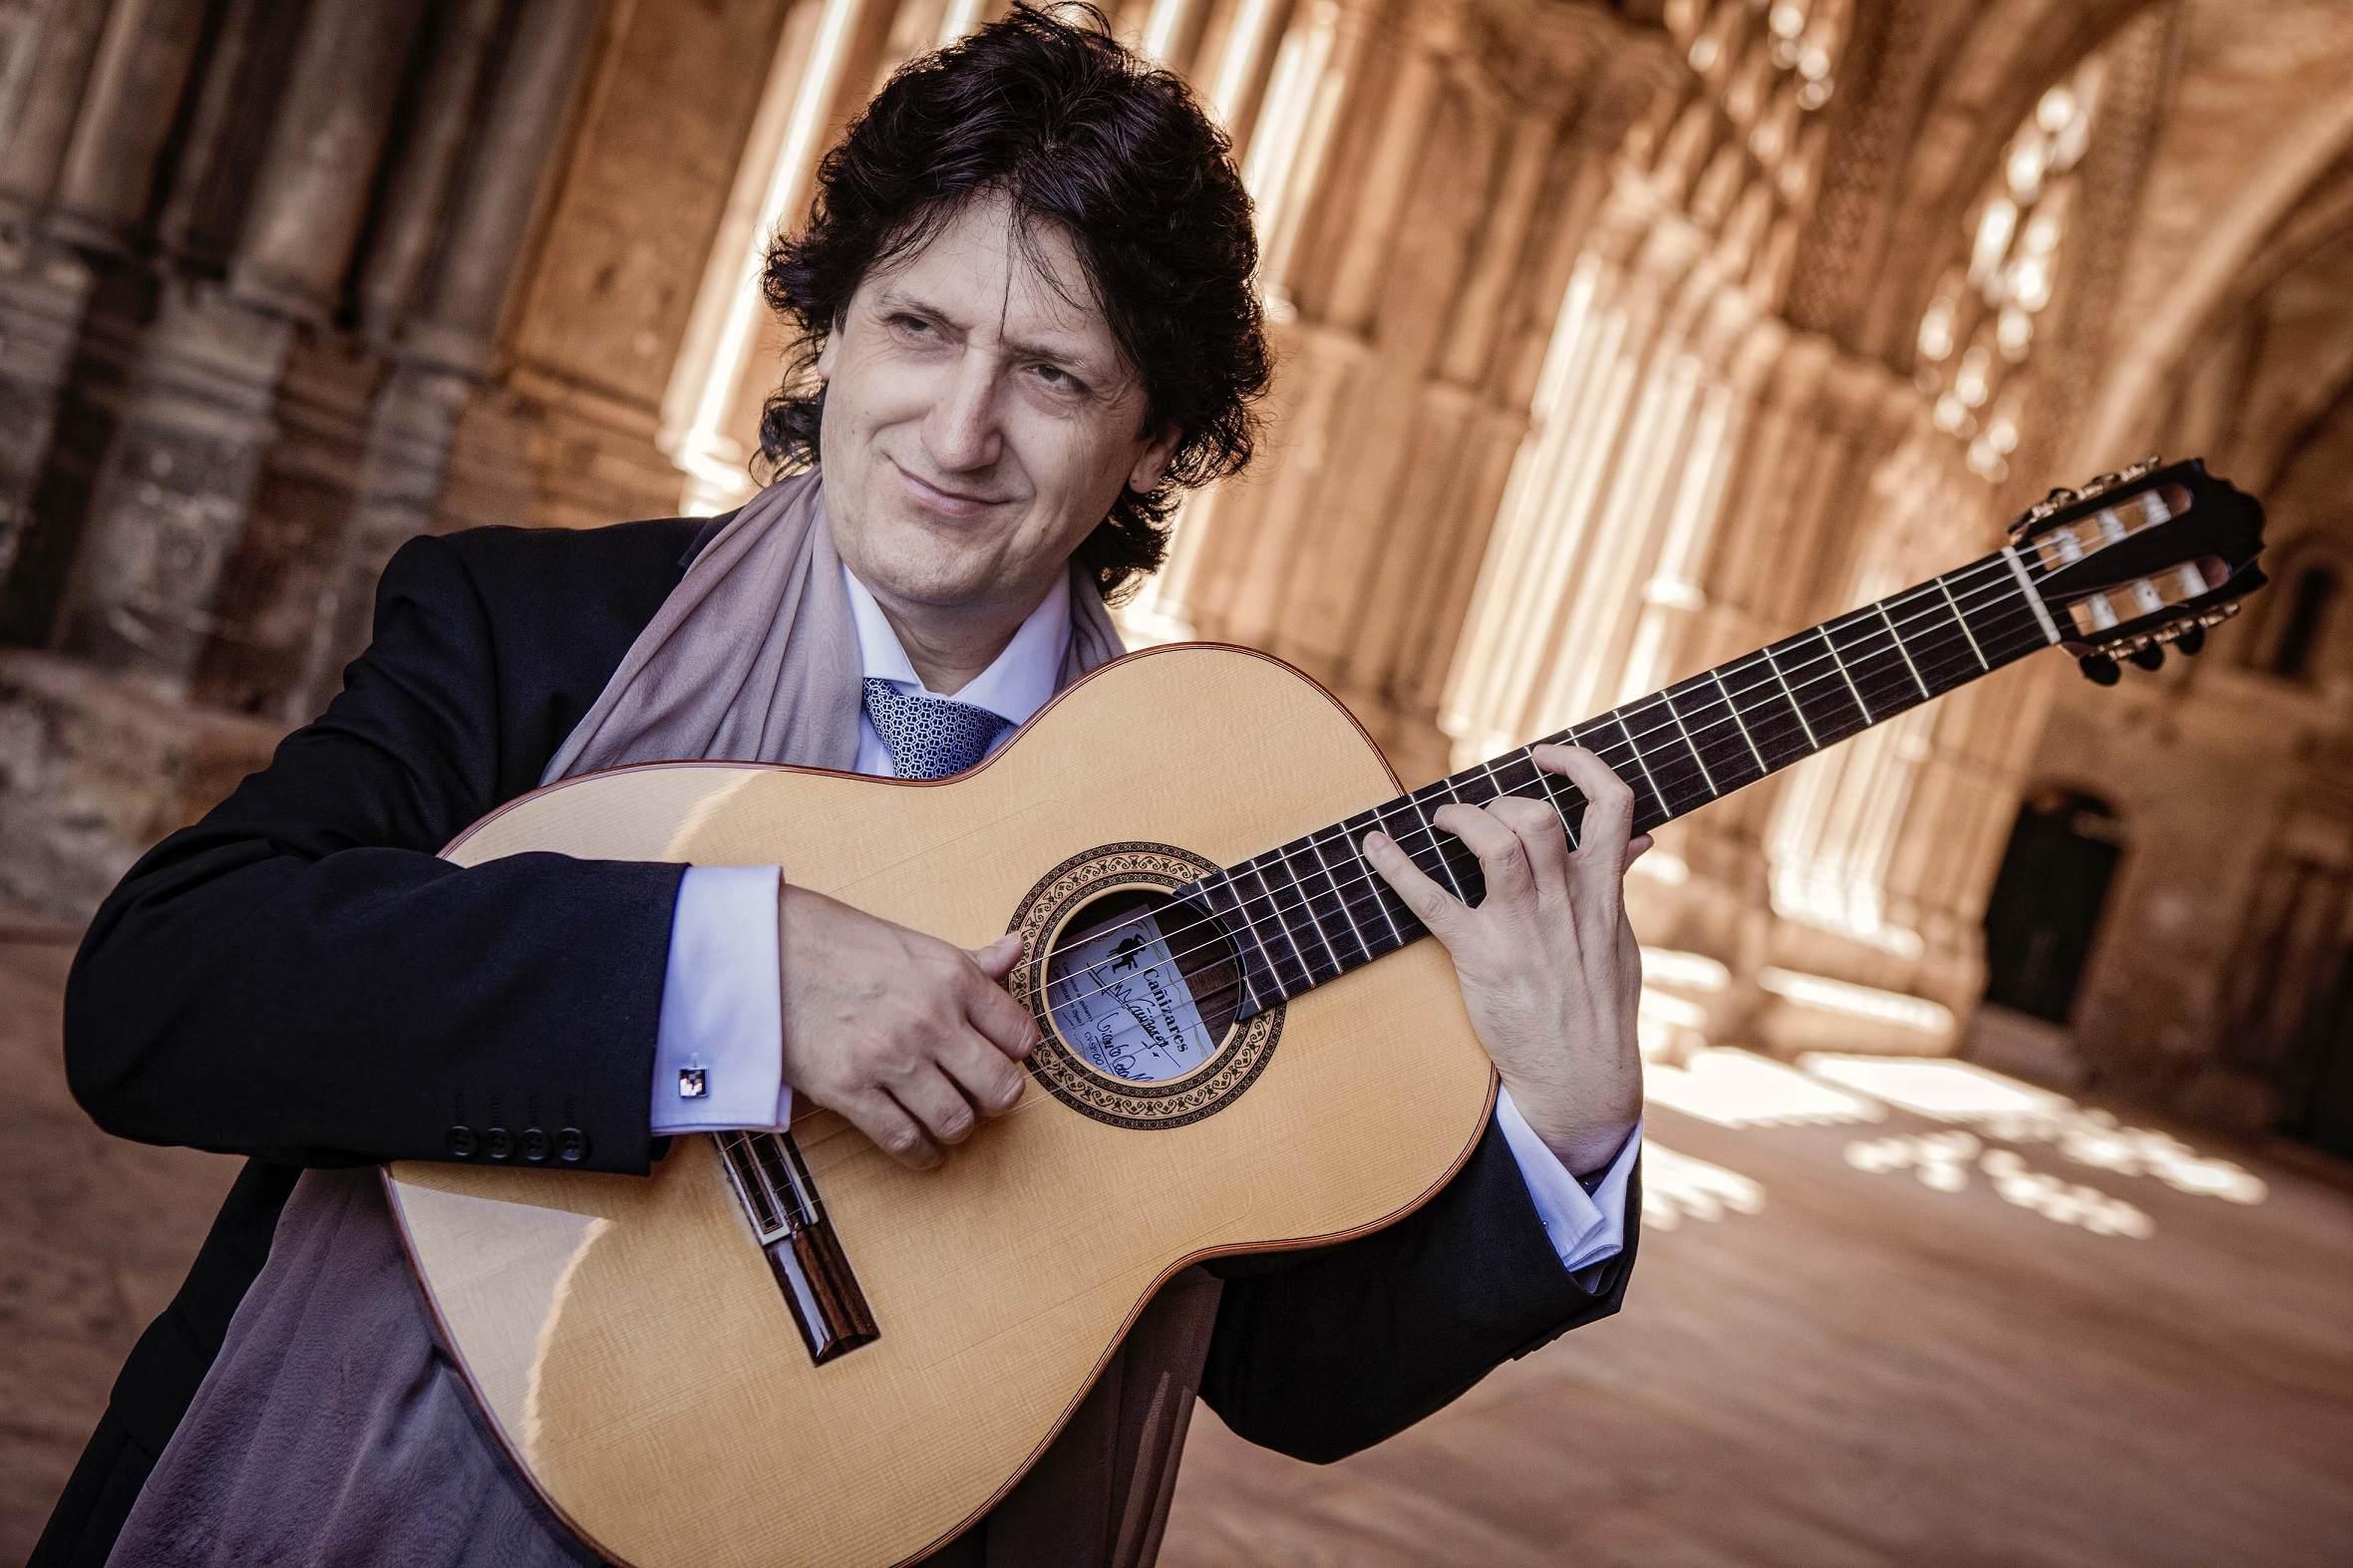 La Orquesta Filarmónica de Gran Canaria, concierto benéfico a favor de los damnificados del incendio